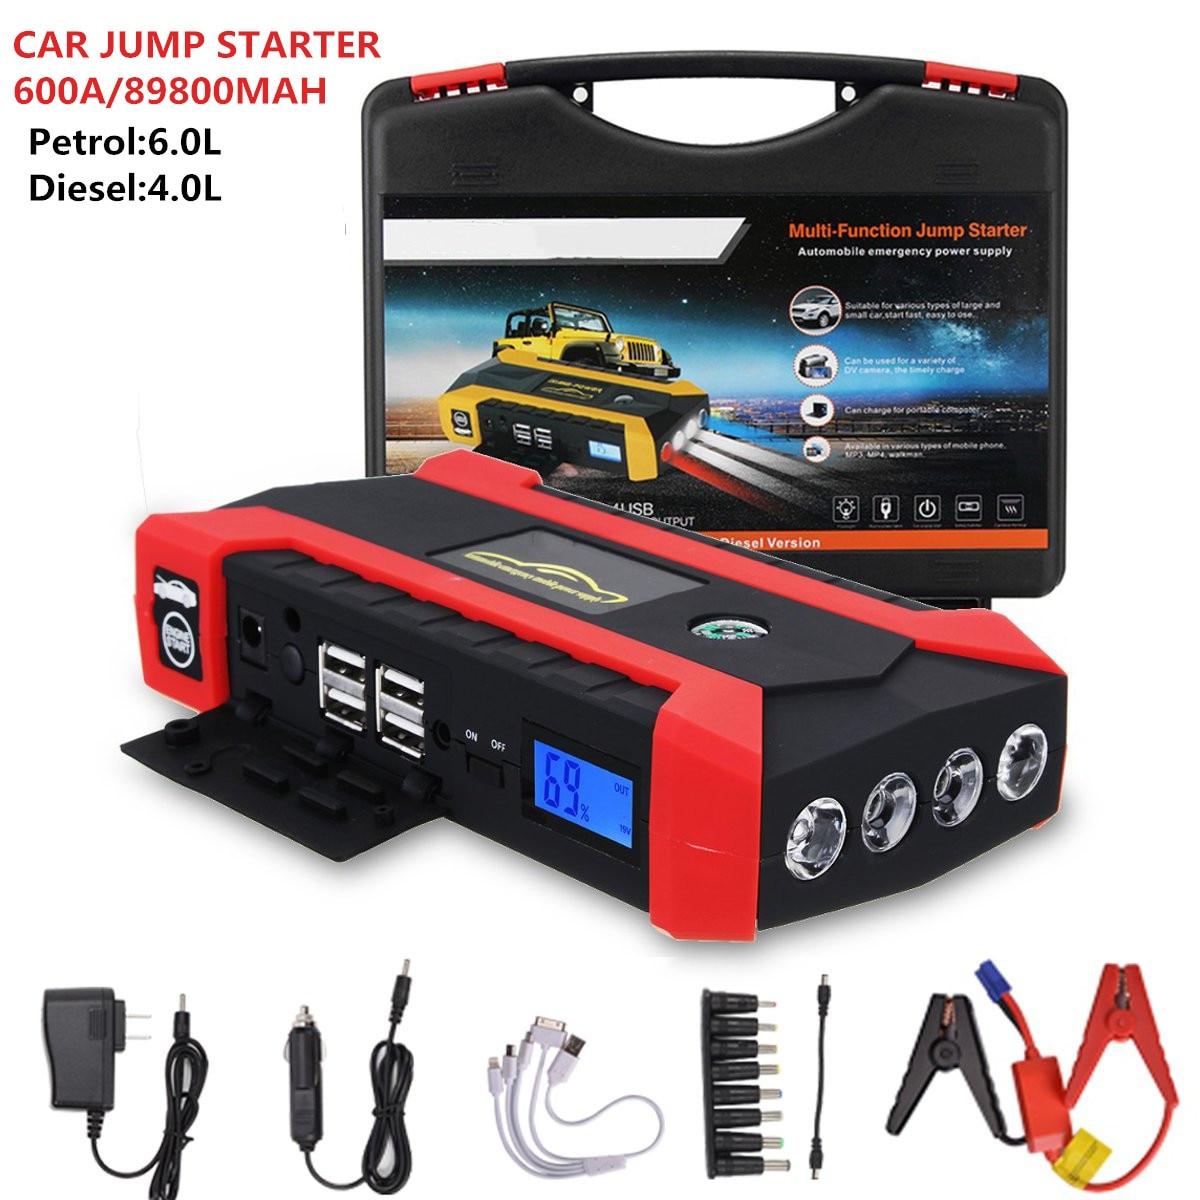 12V 600A портативный автомобильный стартер для скачка многофункциональное автомобильное зарядное устройство для подзарядки аварийное зарядн...